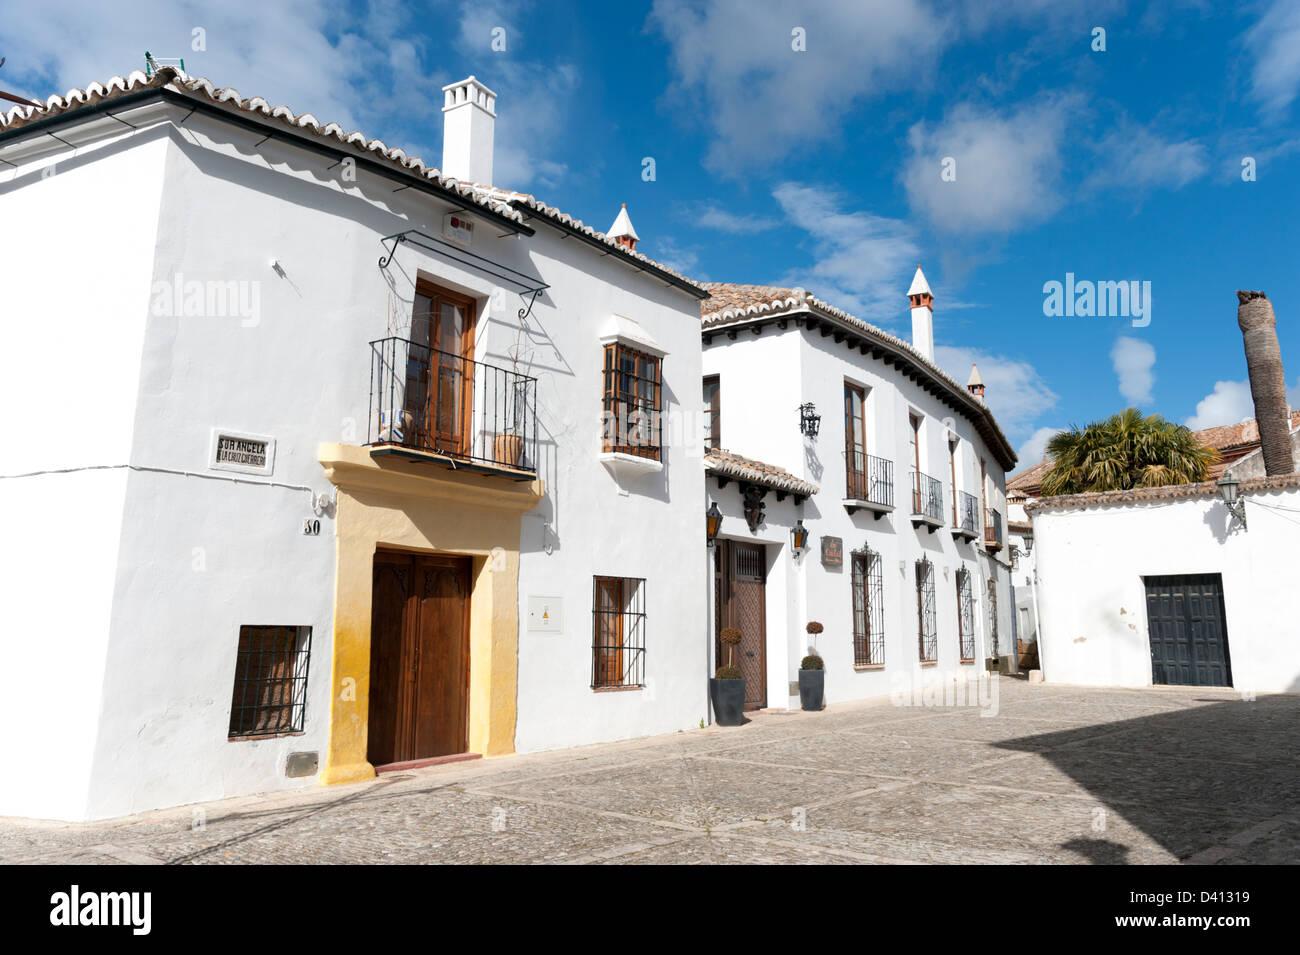 Reihe von weiß getünchten Häusern, Ronda, Spanien Stockbild